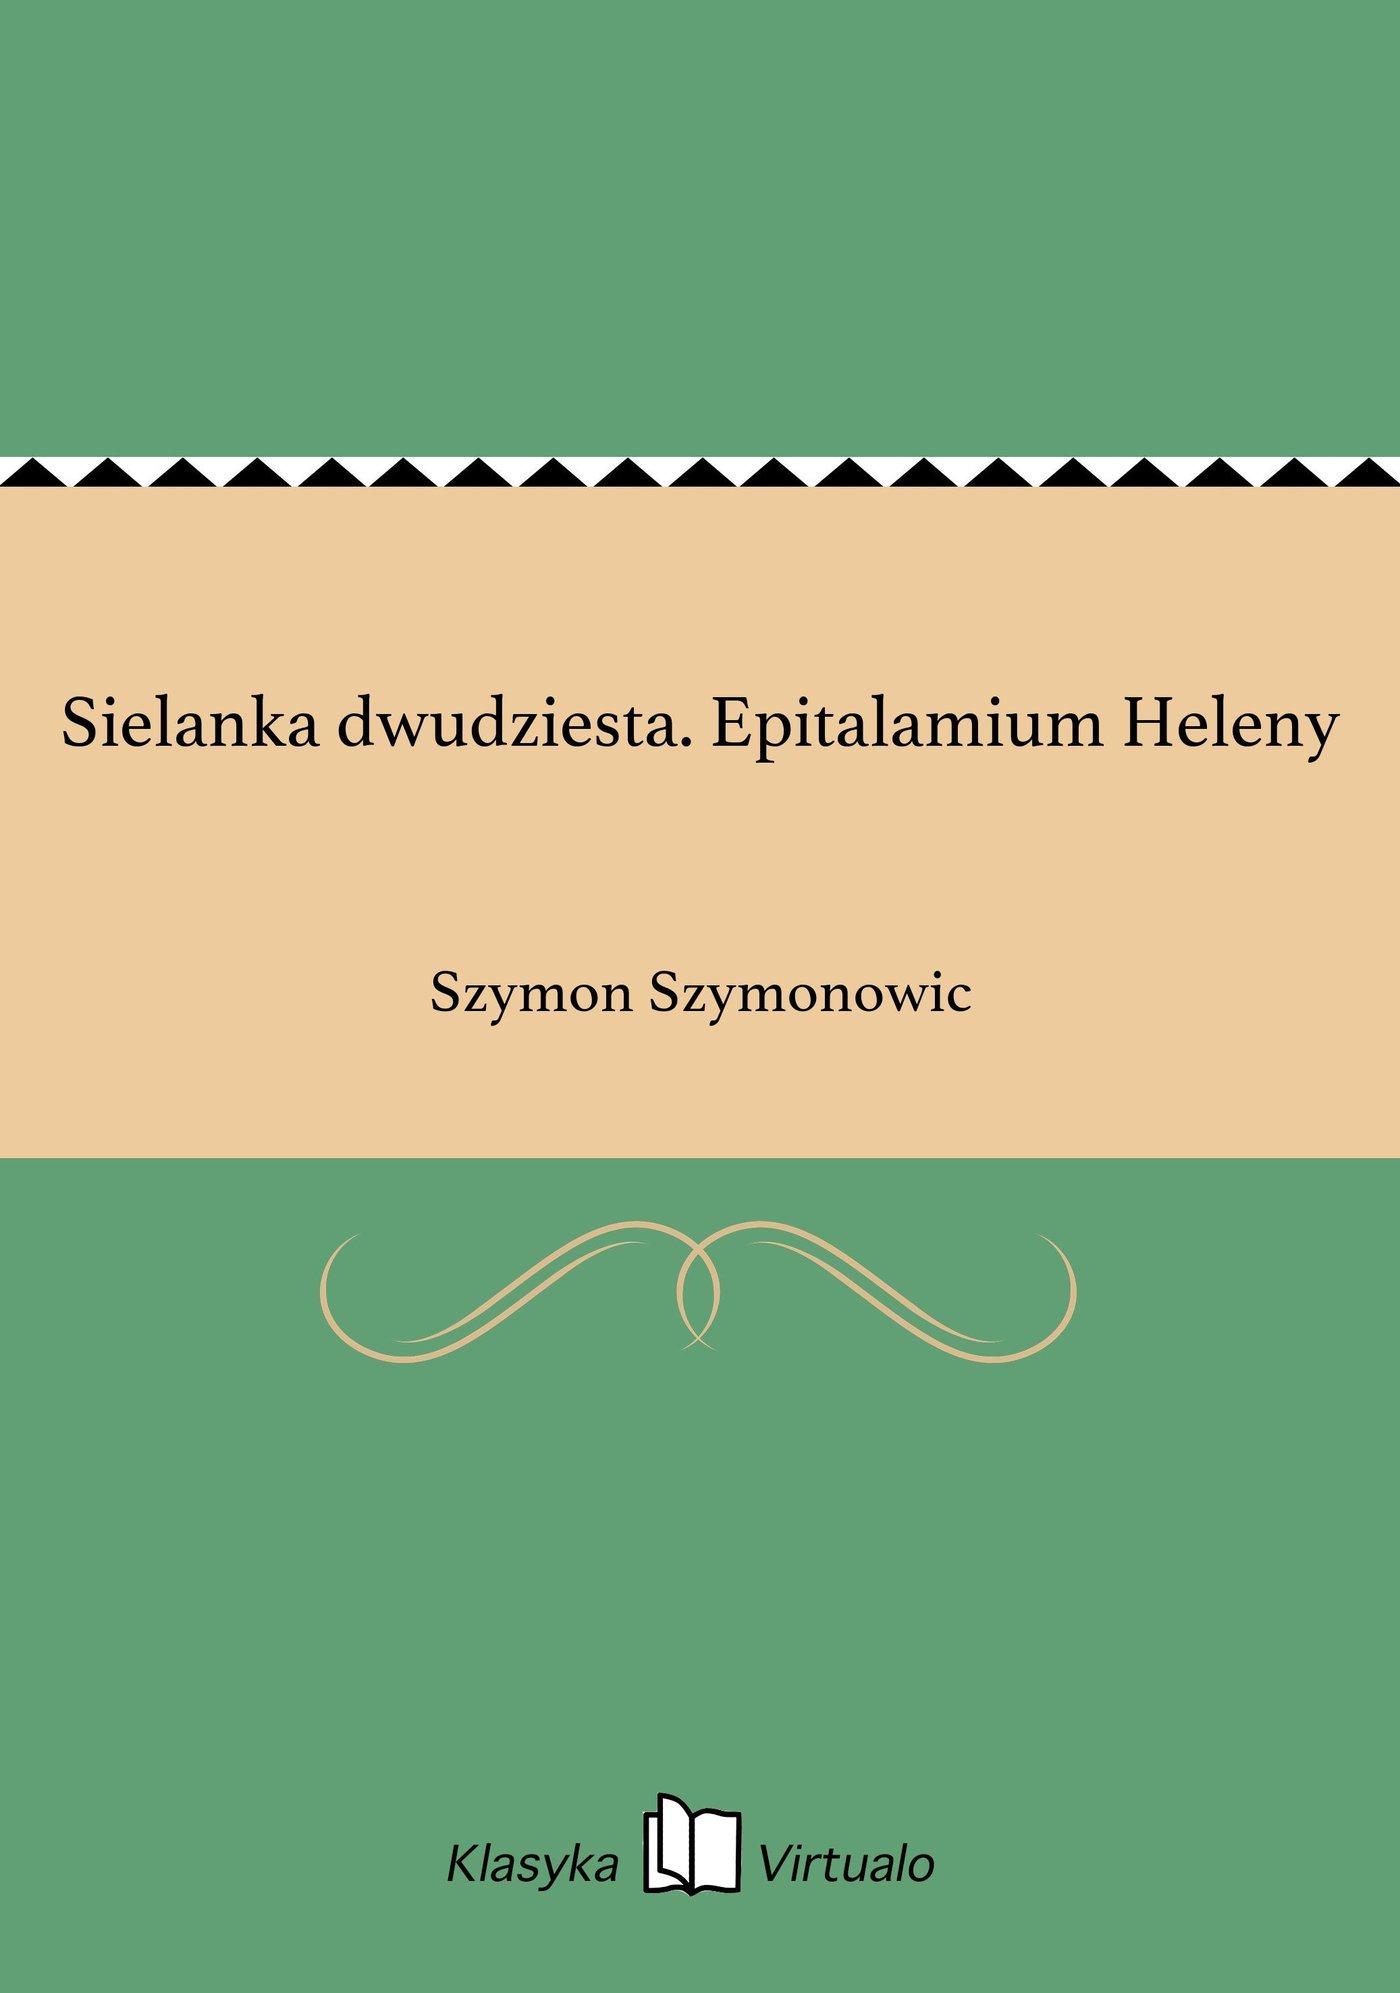 Sielanka dwudziesta. Epitalamium Heleny - Ebook (Książka EPUB) do pobrania w formacie EPUB